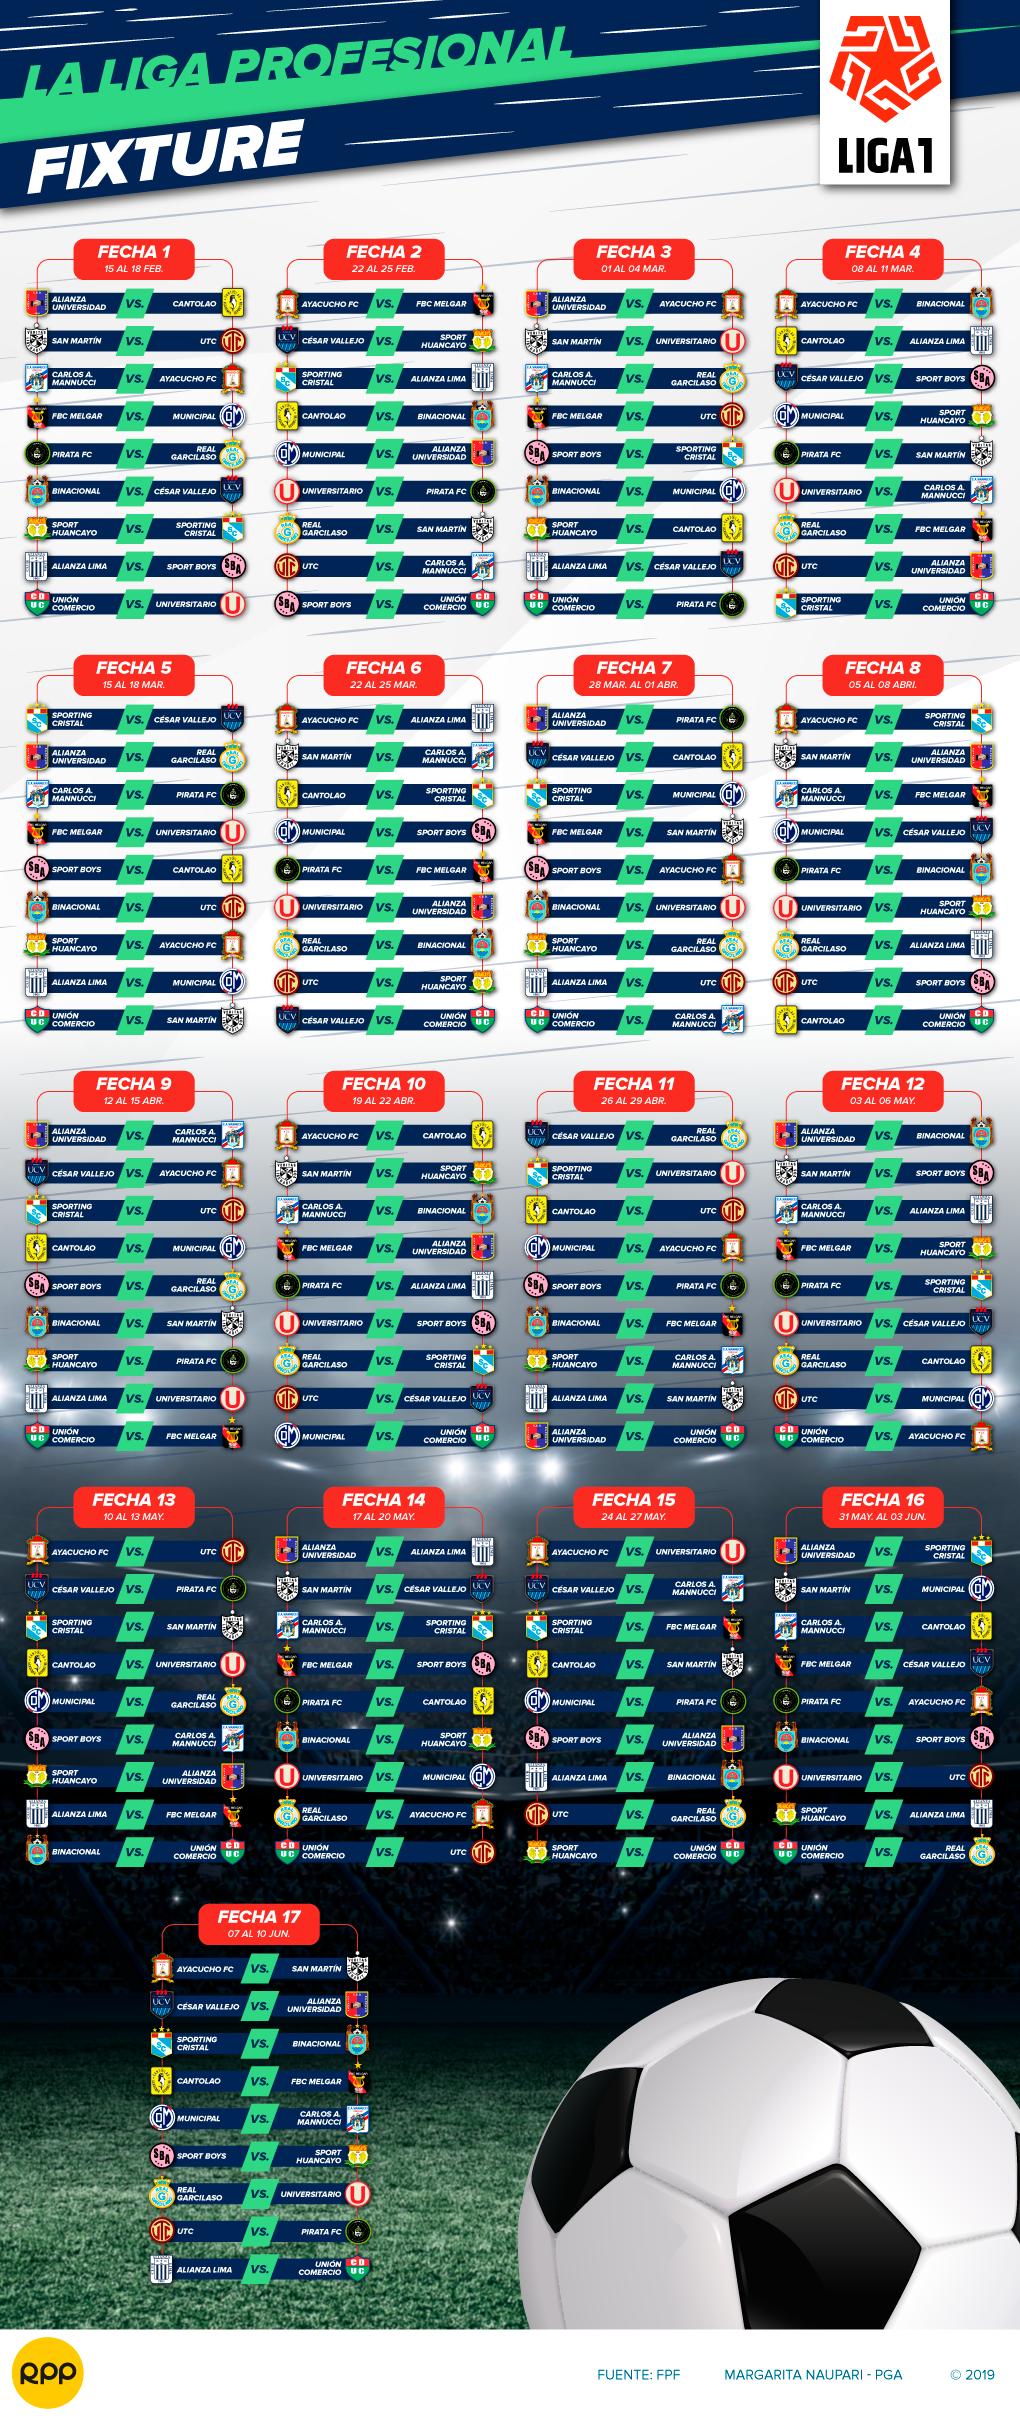 Calendario Futbol 2019.Liga 1 Descentralizado 2019 Descarga El Fixture Calendario Del